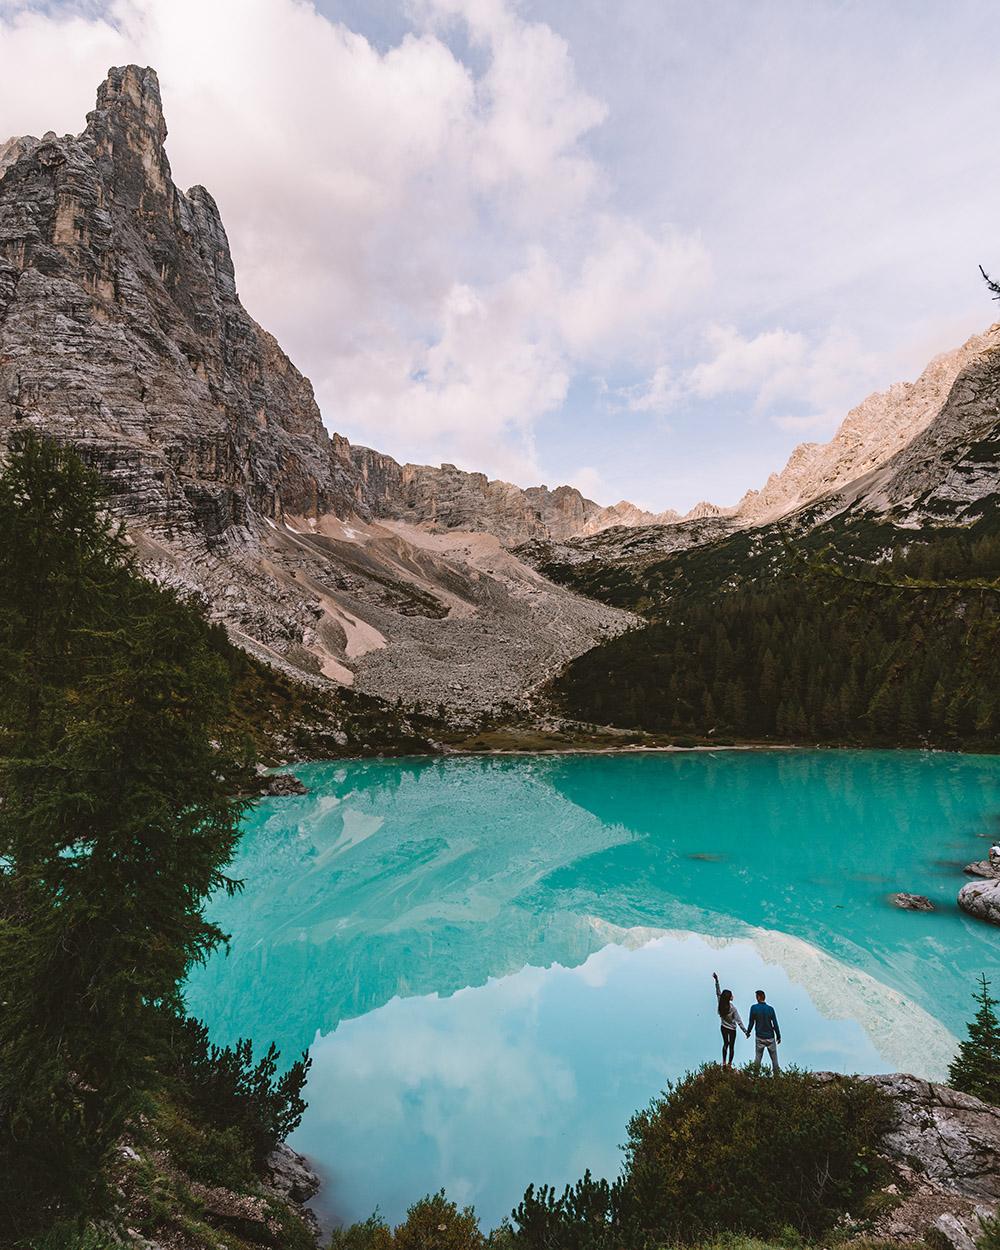 Una ruta de senderismo que no puede faltar en cualquier viaje por Dolomitas es la excursión al lago di Sorapiss